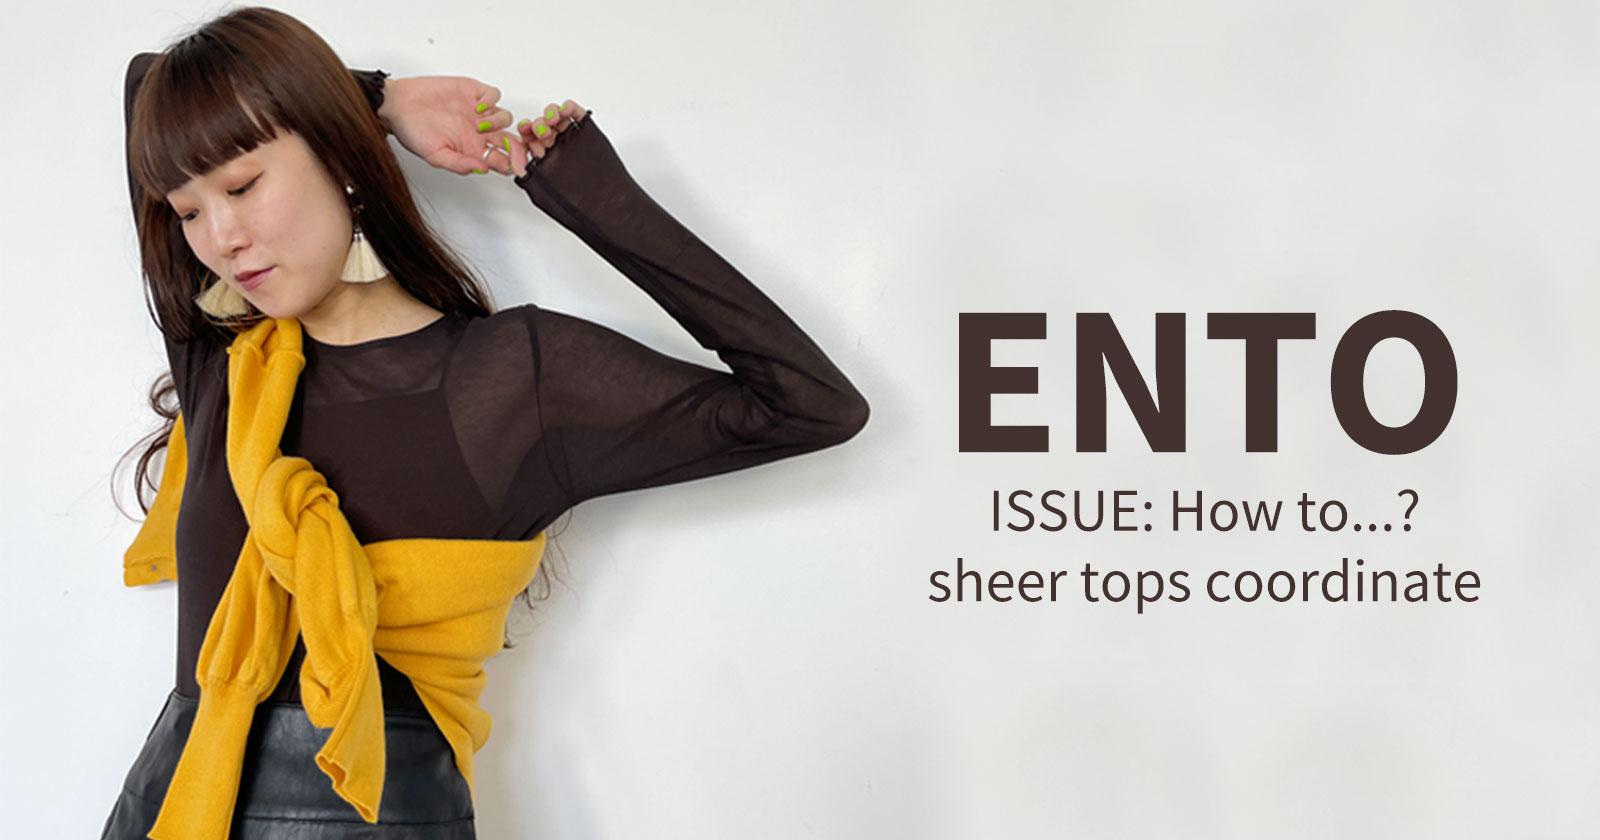 レディースファッションブランドENTO(エント)2021年秋冬コレクション!2021年秋冬流行りの透けトップスを使って、透け感を楽しむ大人のレディースコーディネートを8選ご紹介